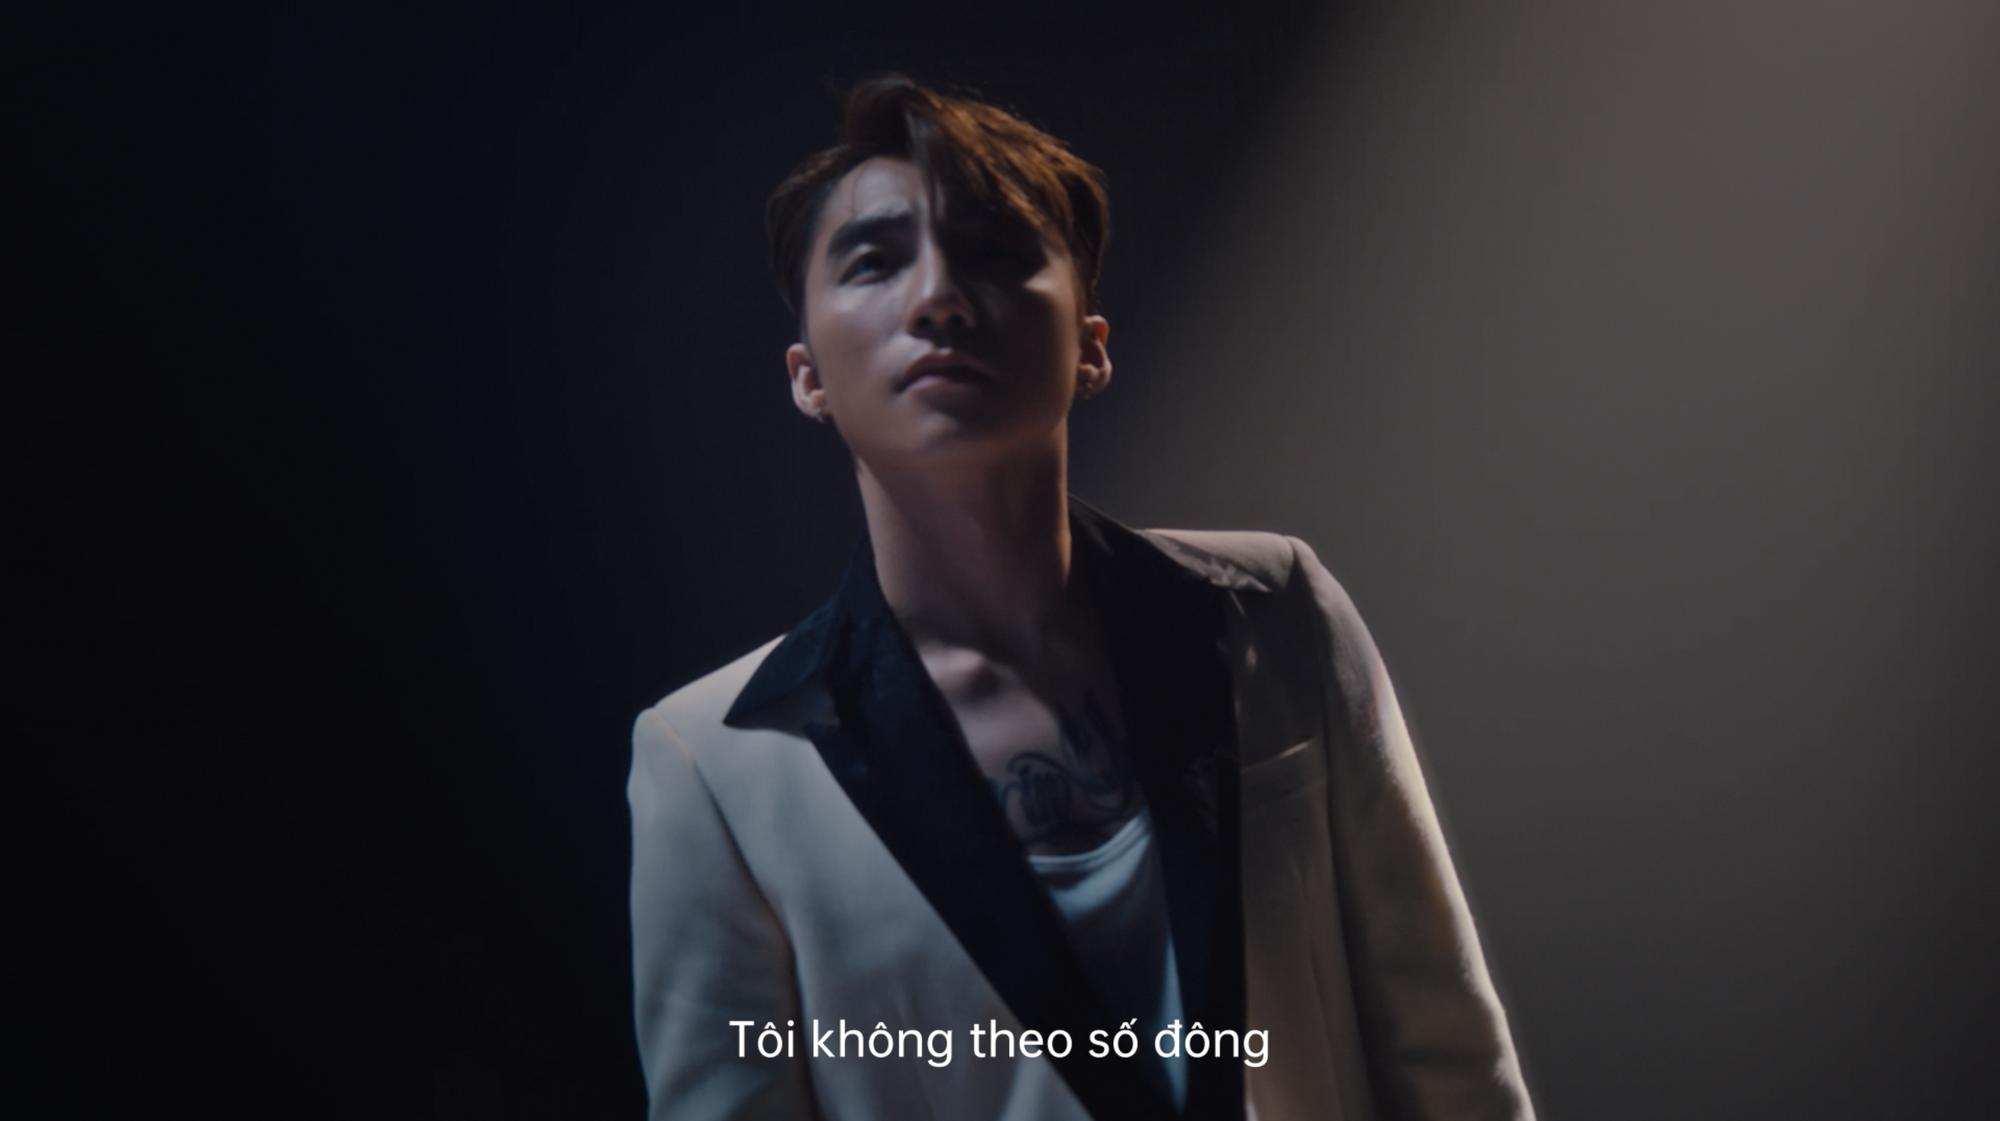 Sự kiện bị hủy, Sơn Tùng sẽ hát live thế nào vào ngày 1.8 tới? - Ảnh 1.